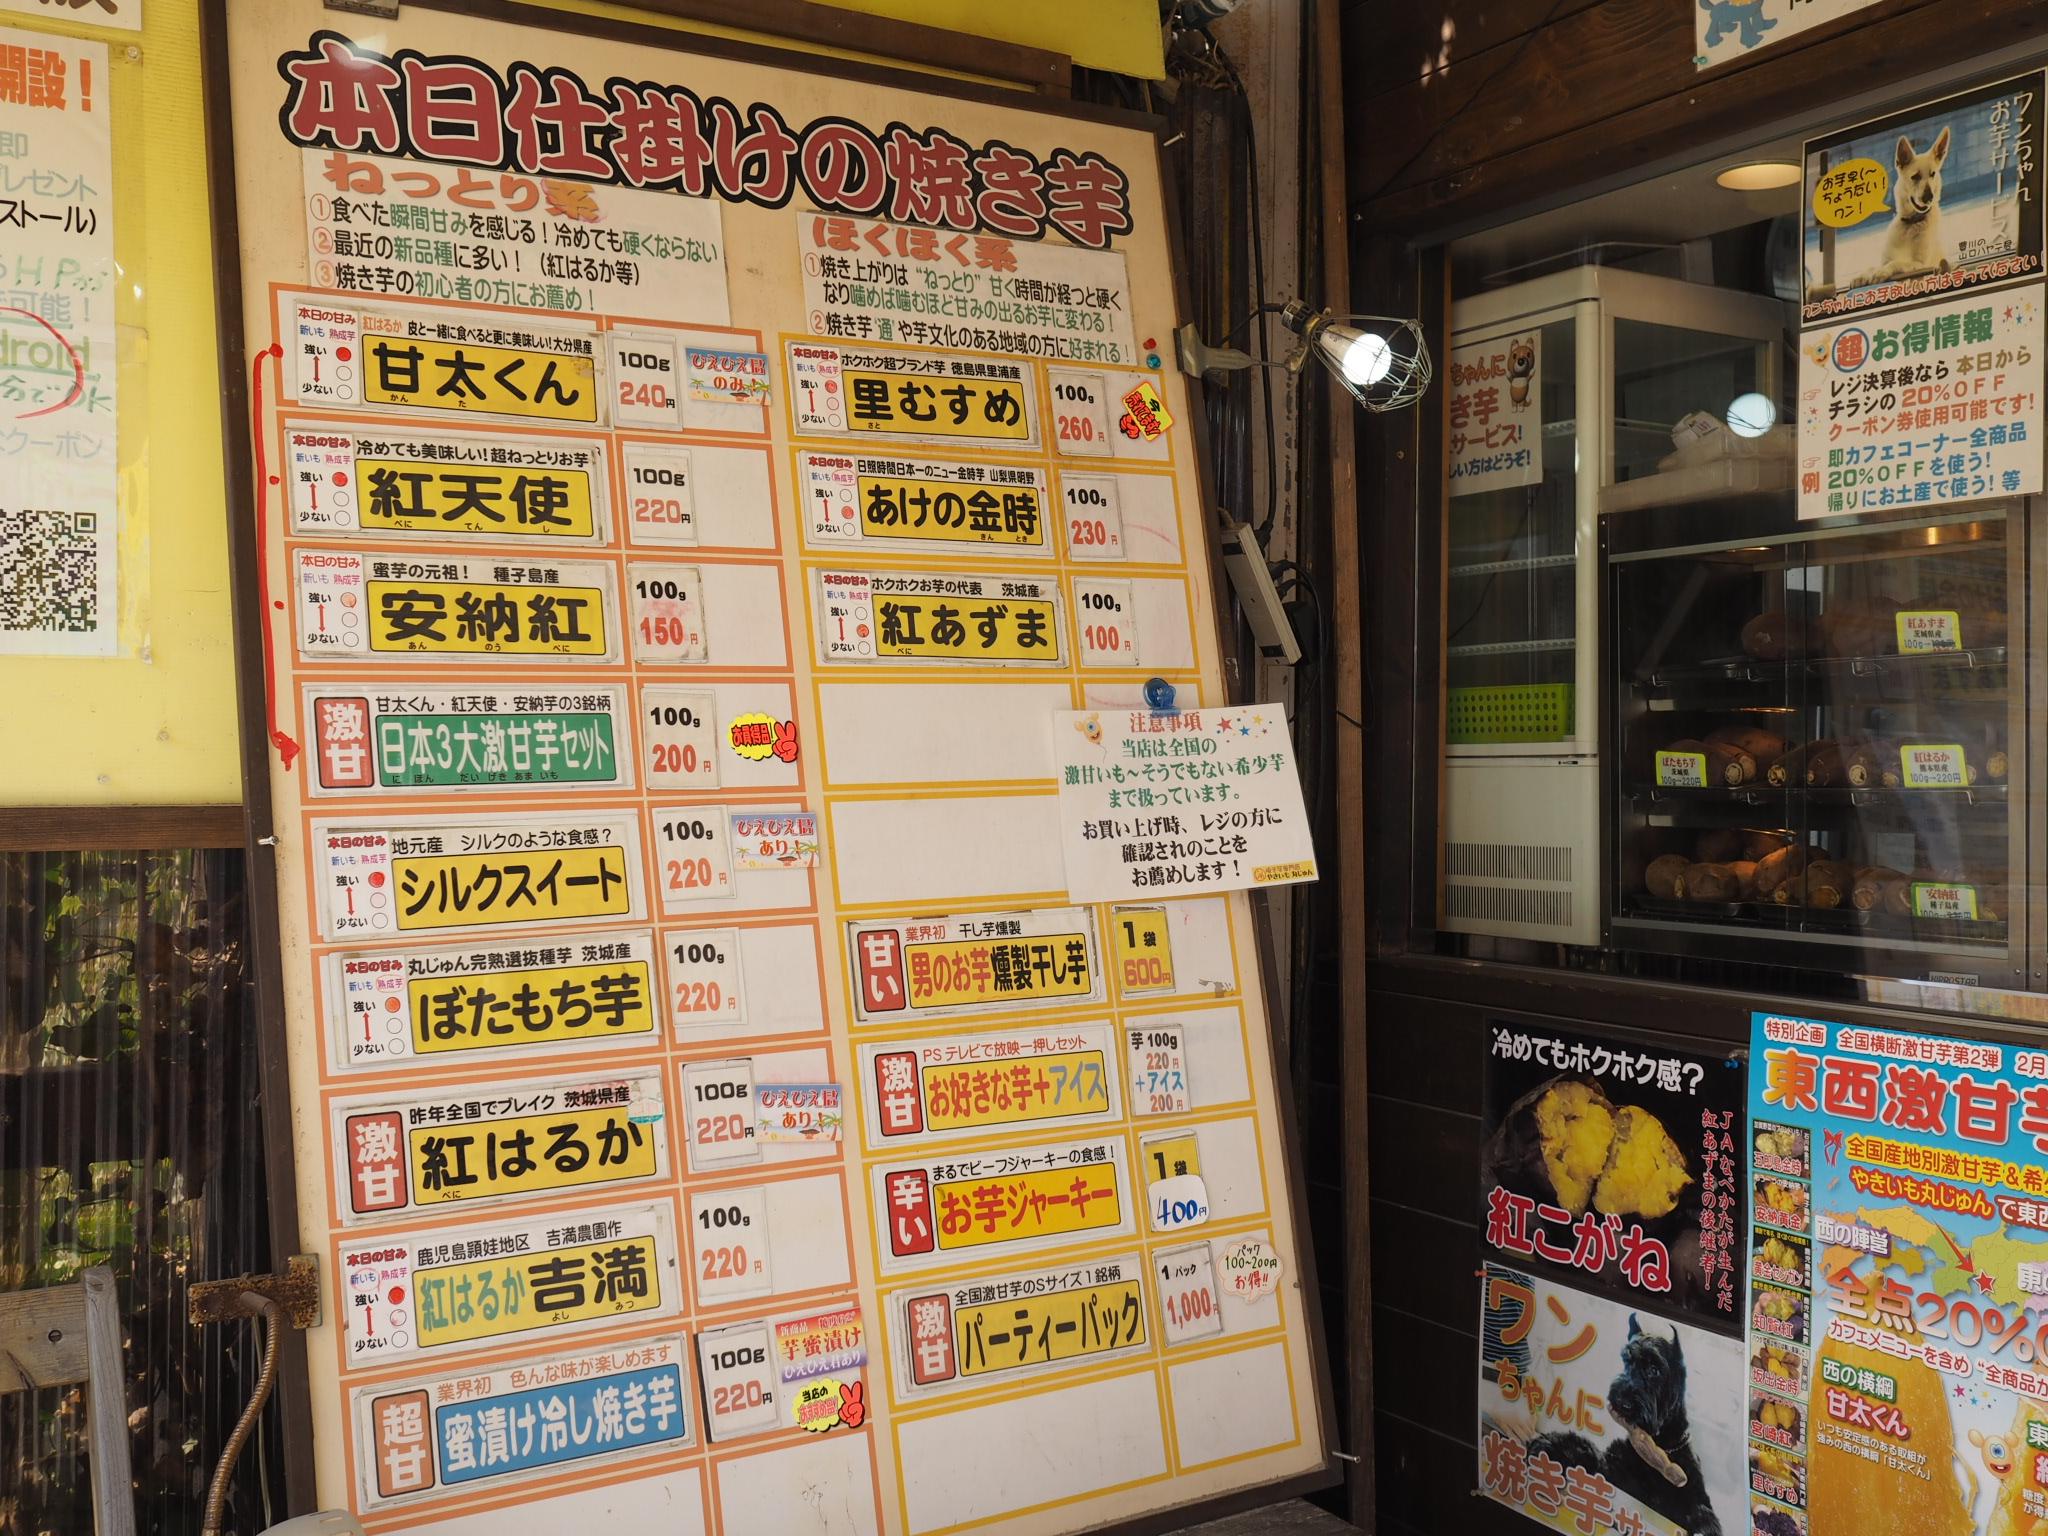 ねっとり系、ホクホク系、あなたはどっちが好き?碧南市の焼き芋専門店「やきいも丸じゅん」 - WeChat Image 20191101172303